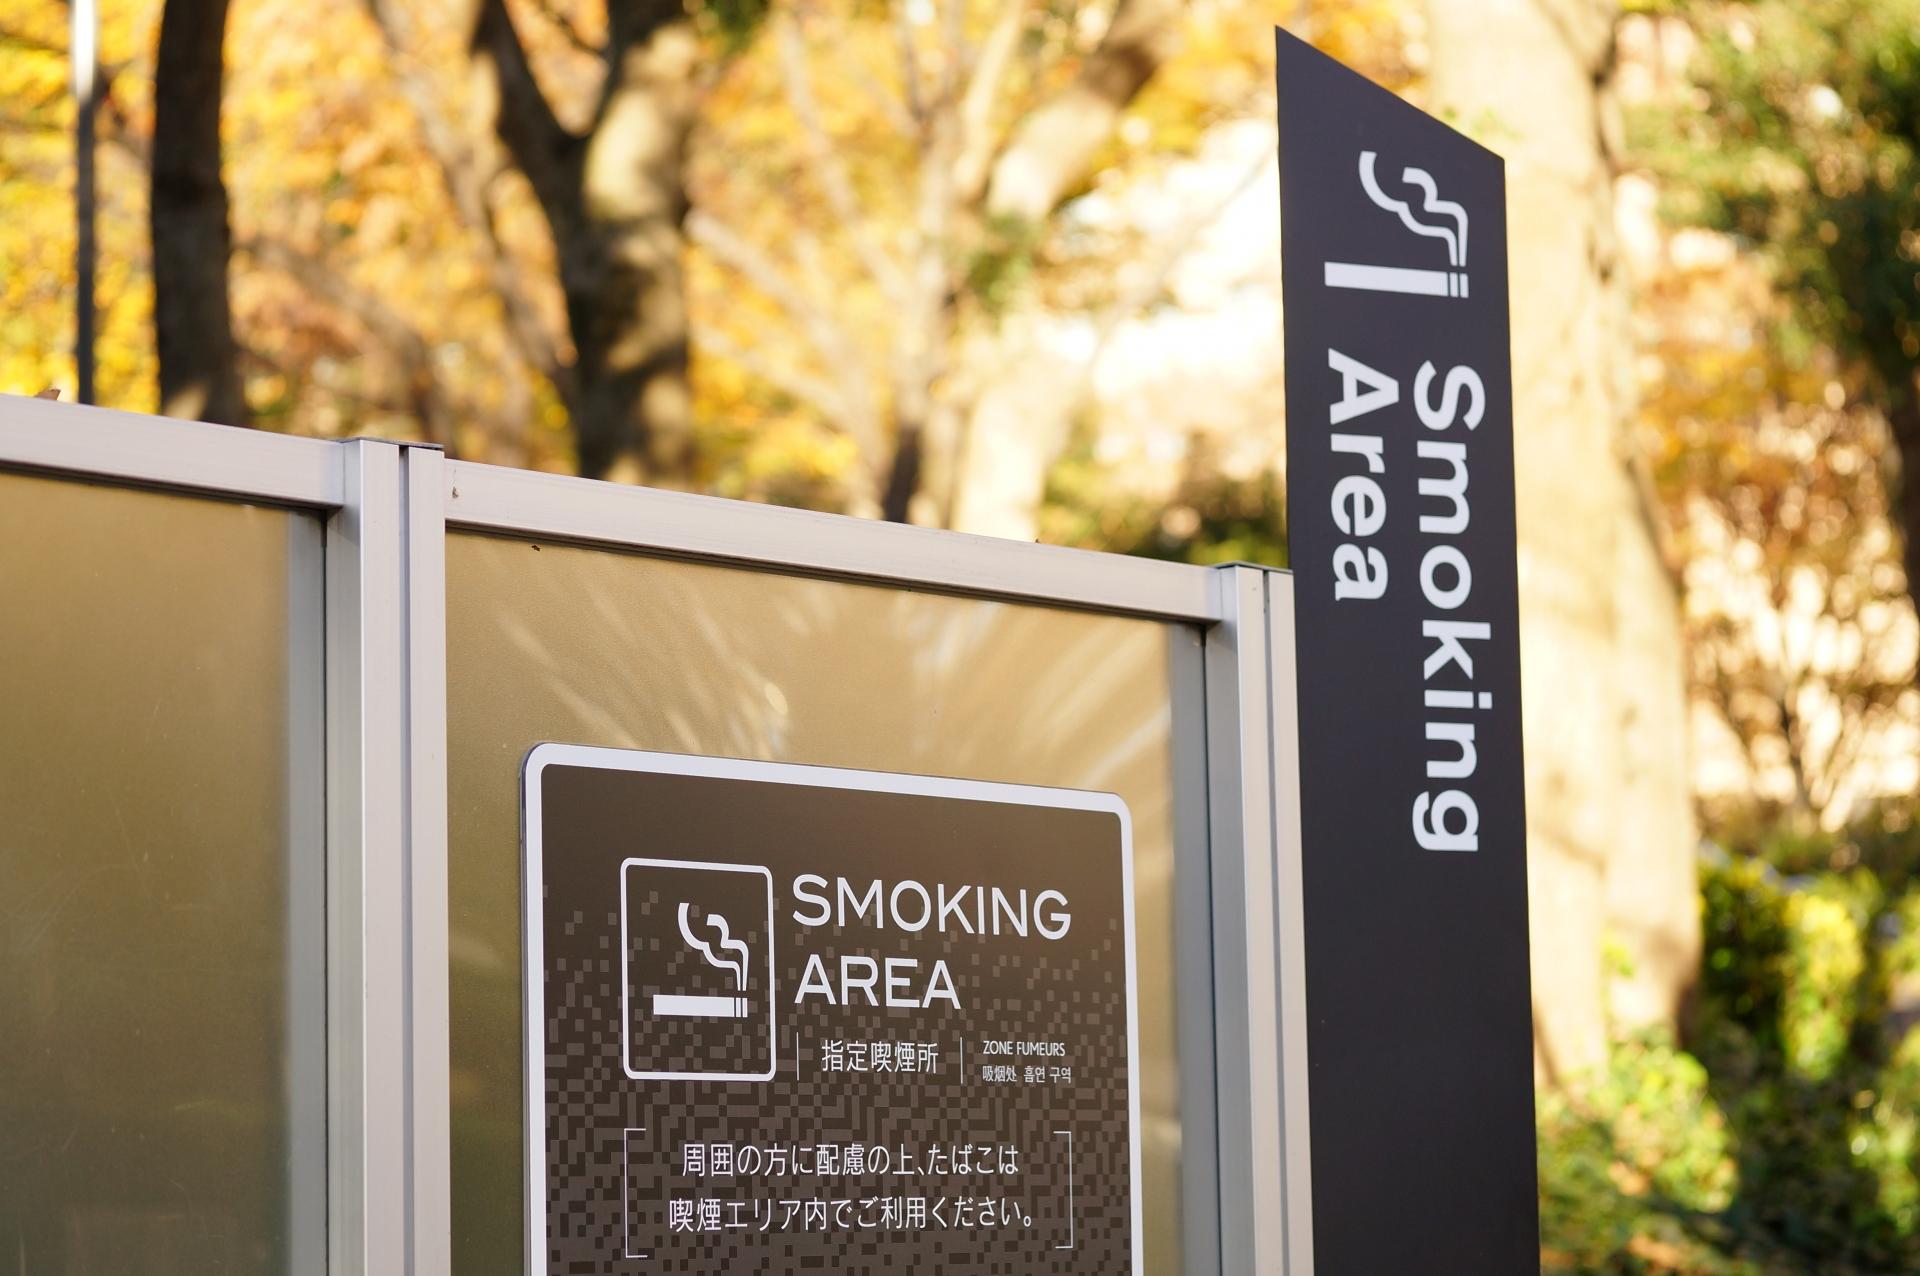 大阪駅の喫煙所は?構内や周辺のタバコが吸える場所やカフェまとめ!